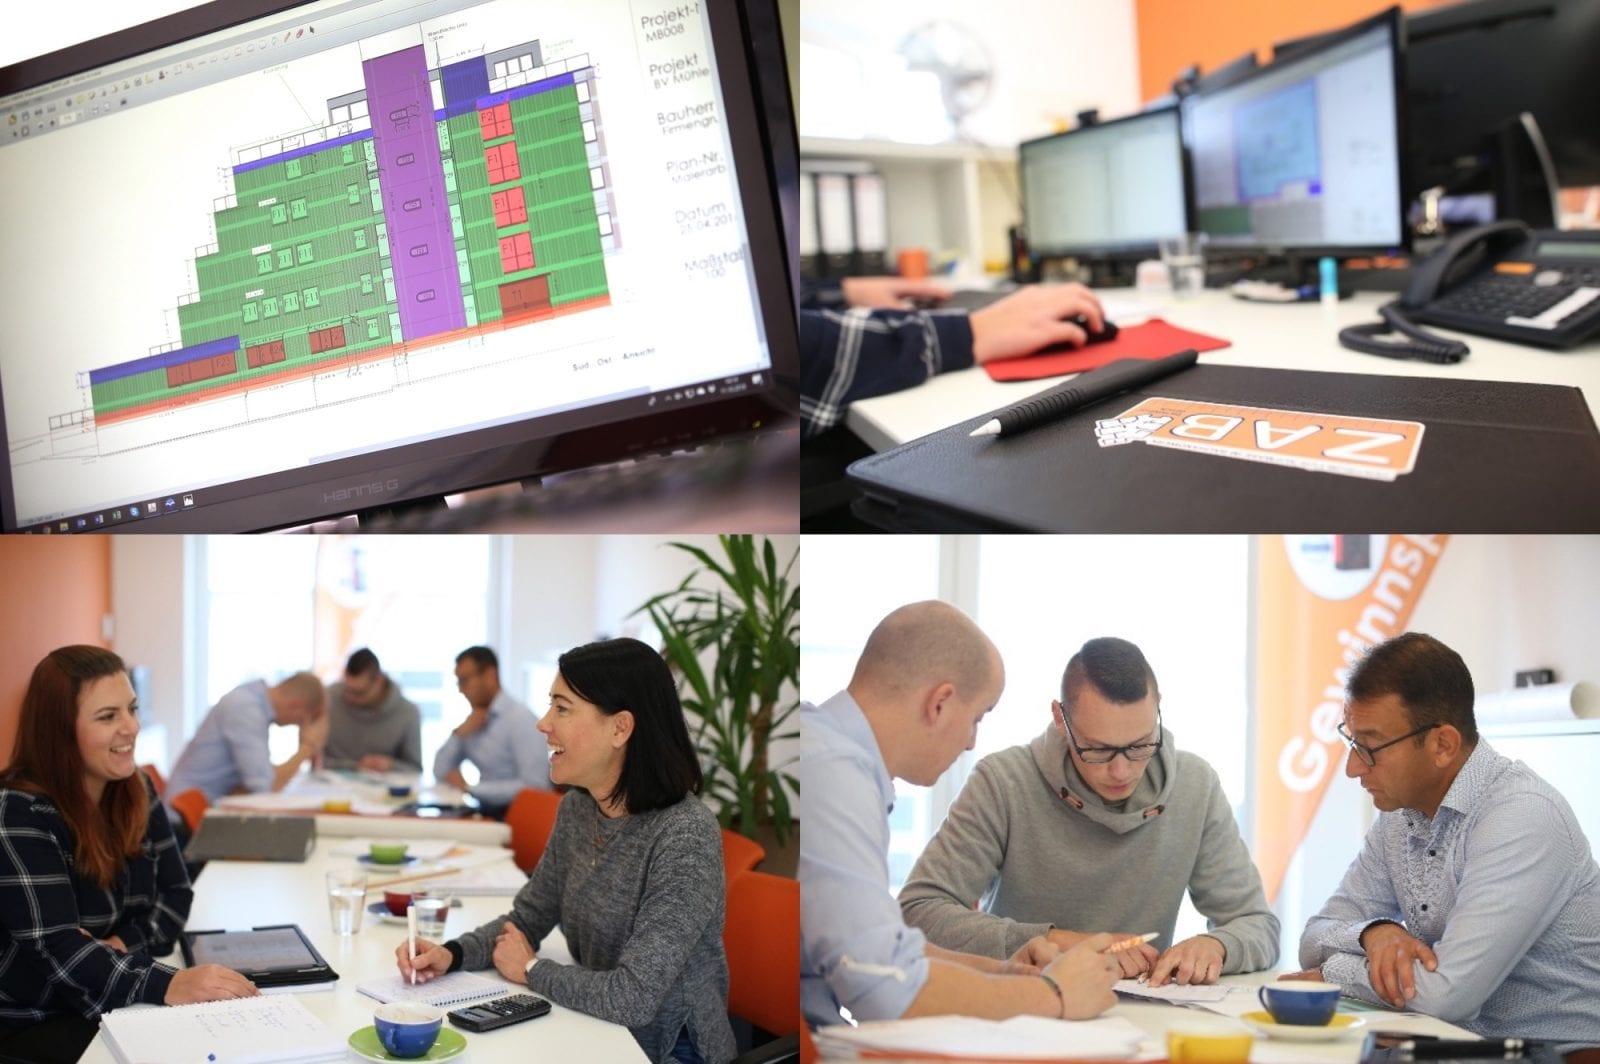 Ausbildung zum Aufmaßtechniker/in (ZAB) – Exklusivseminar in kleinen Gruppen (Foto: ZAB Akademie)